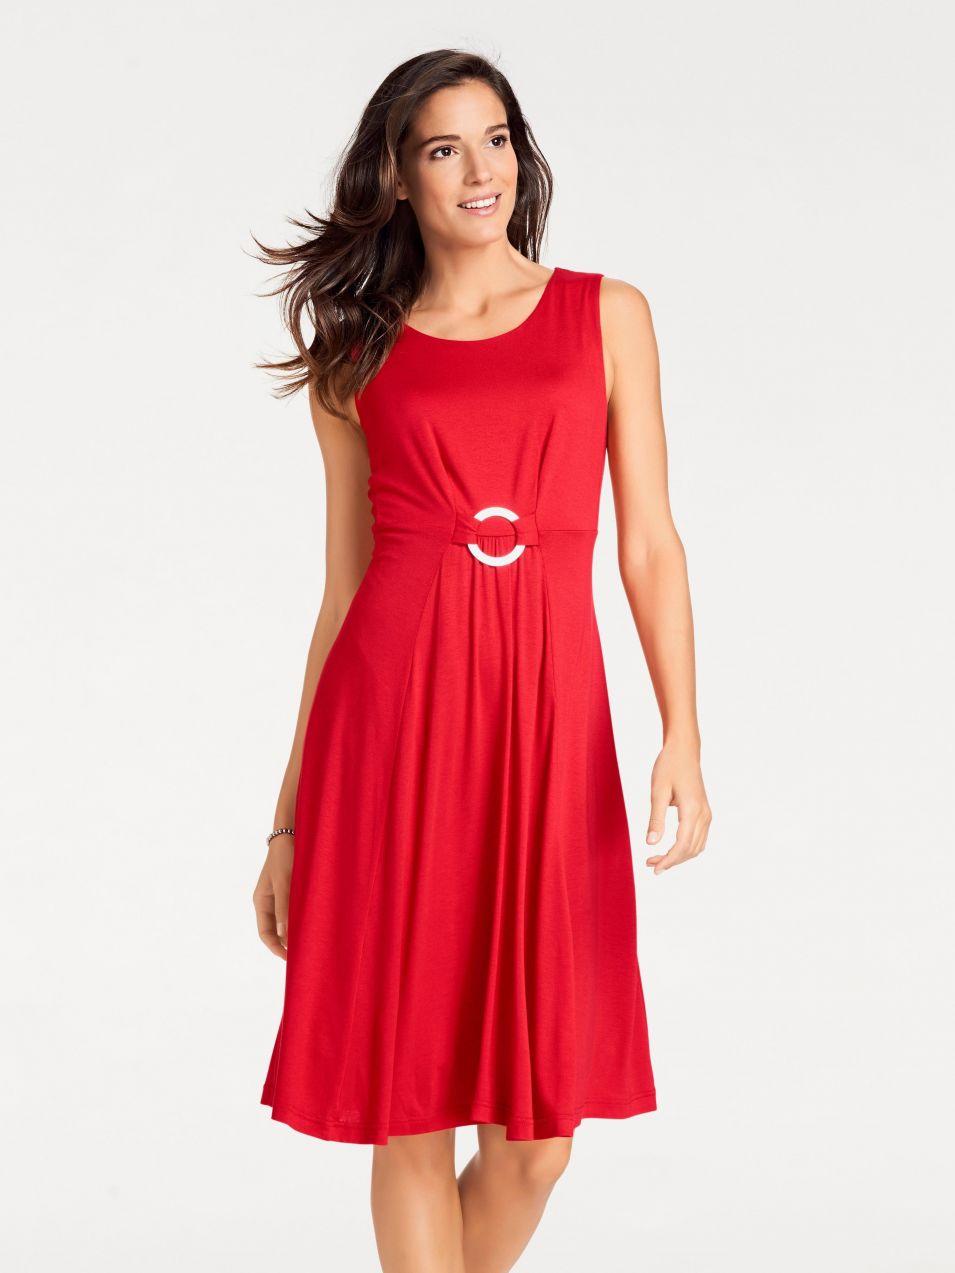 heine TIMELESS Džersejové šaty s ozdobným krúžkom heine značky HEINE ... 12164beed90